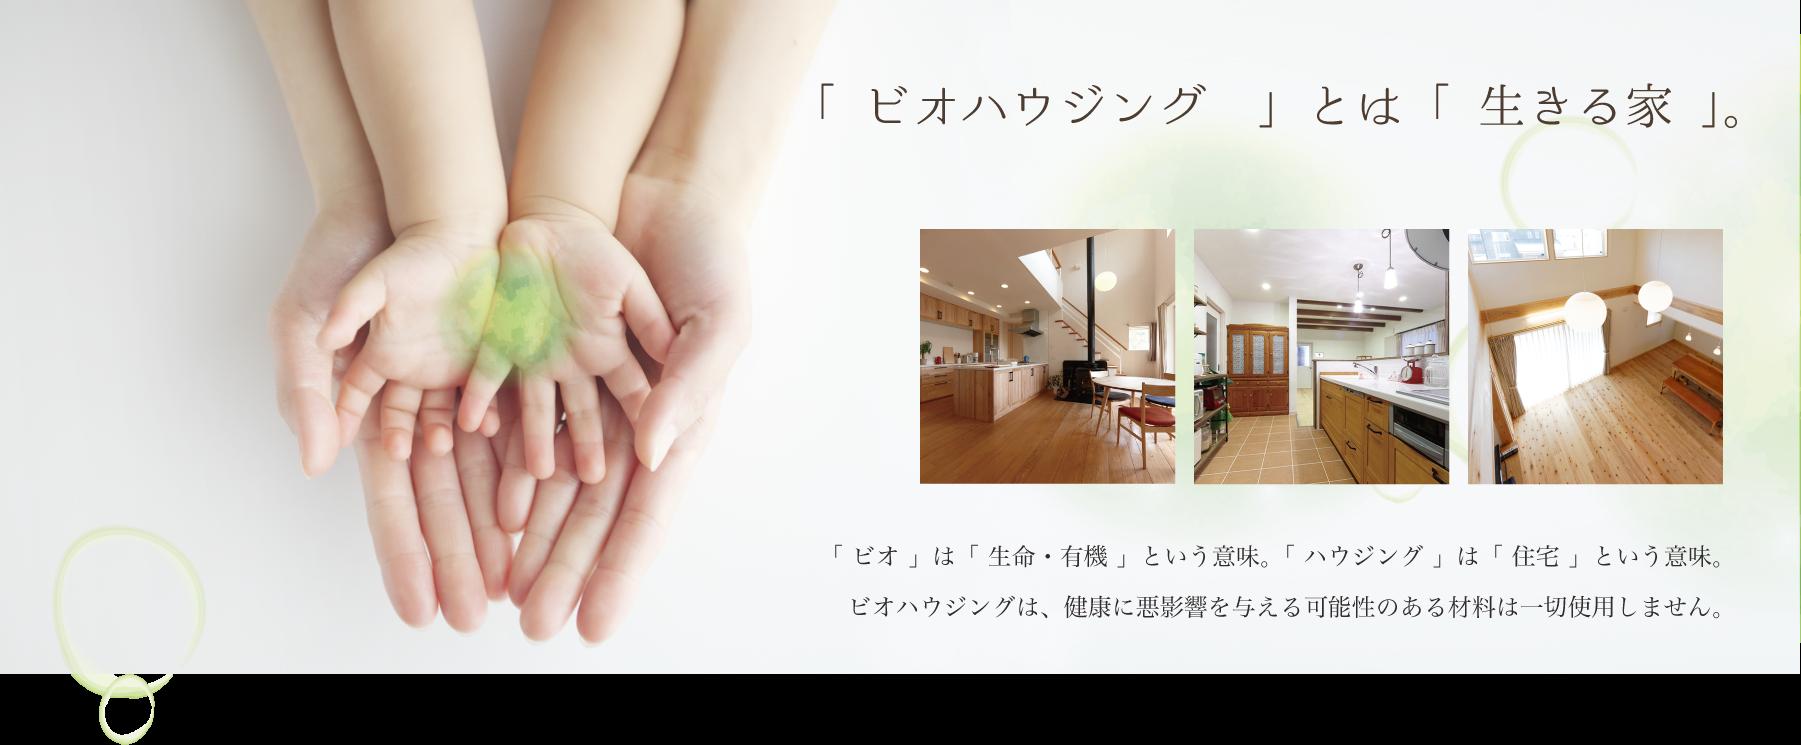 化学物質過敏症・アレルギー・シックハウスを改善する健康住宅のビオハウジングとは?メインイメージ